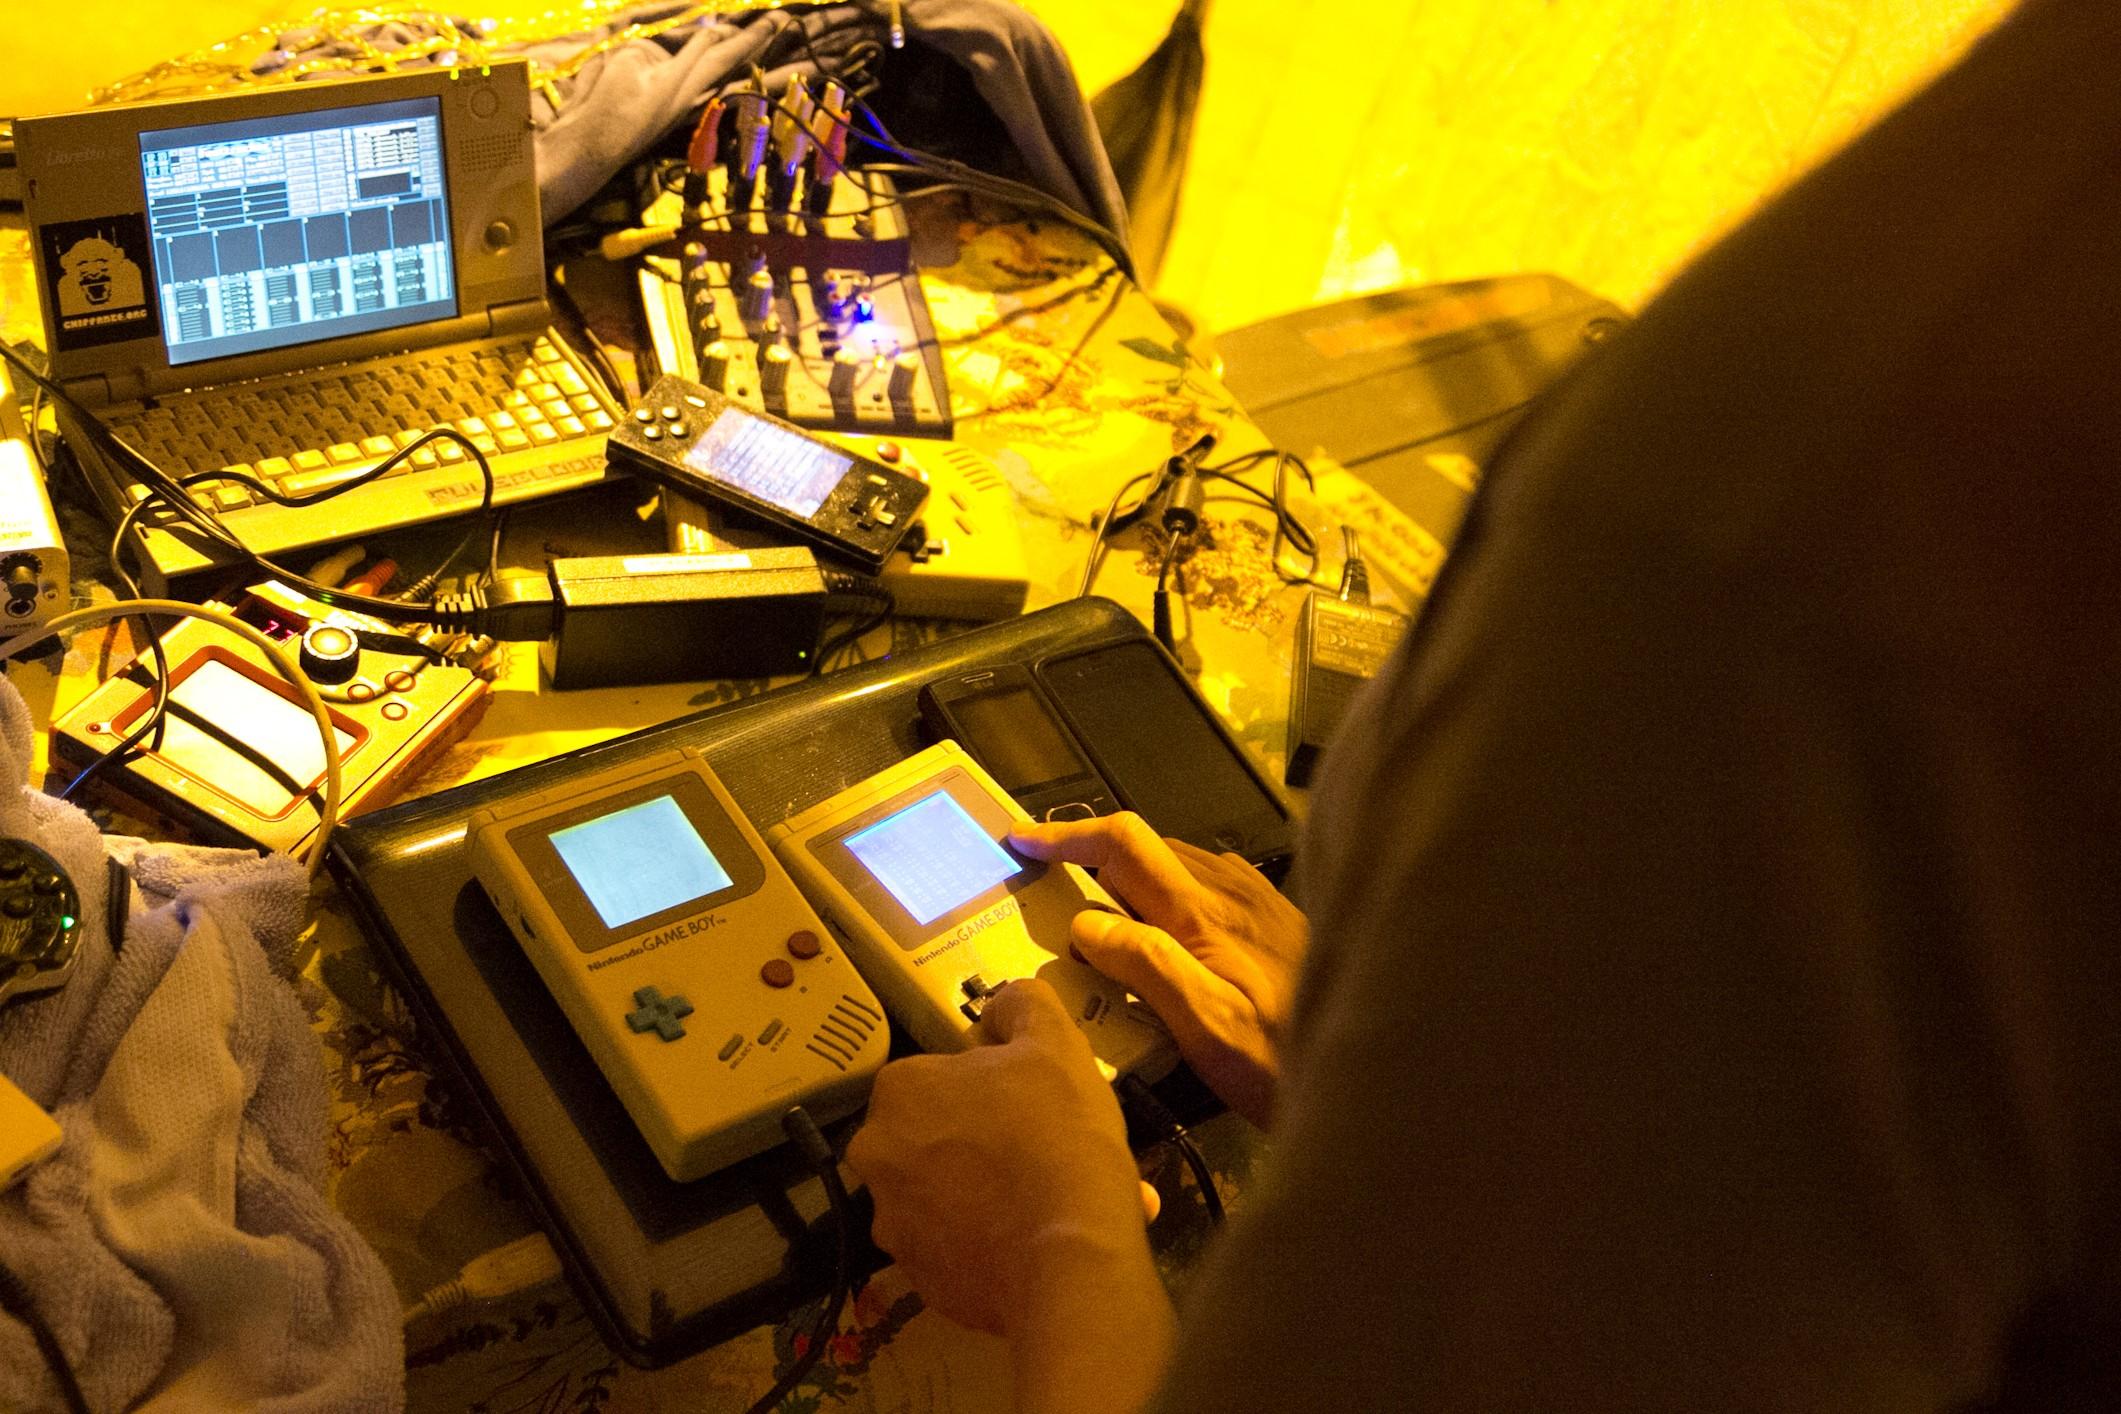 O coletivo Chippanze fará uma apresentação de música eletrônica usando videogames antigos e computadores obsoletos (Foto: Divulgação)